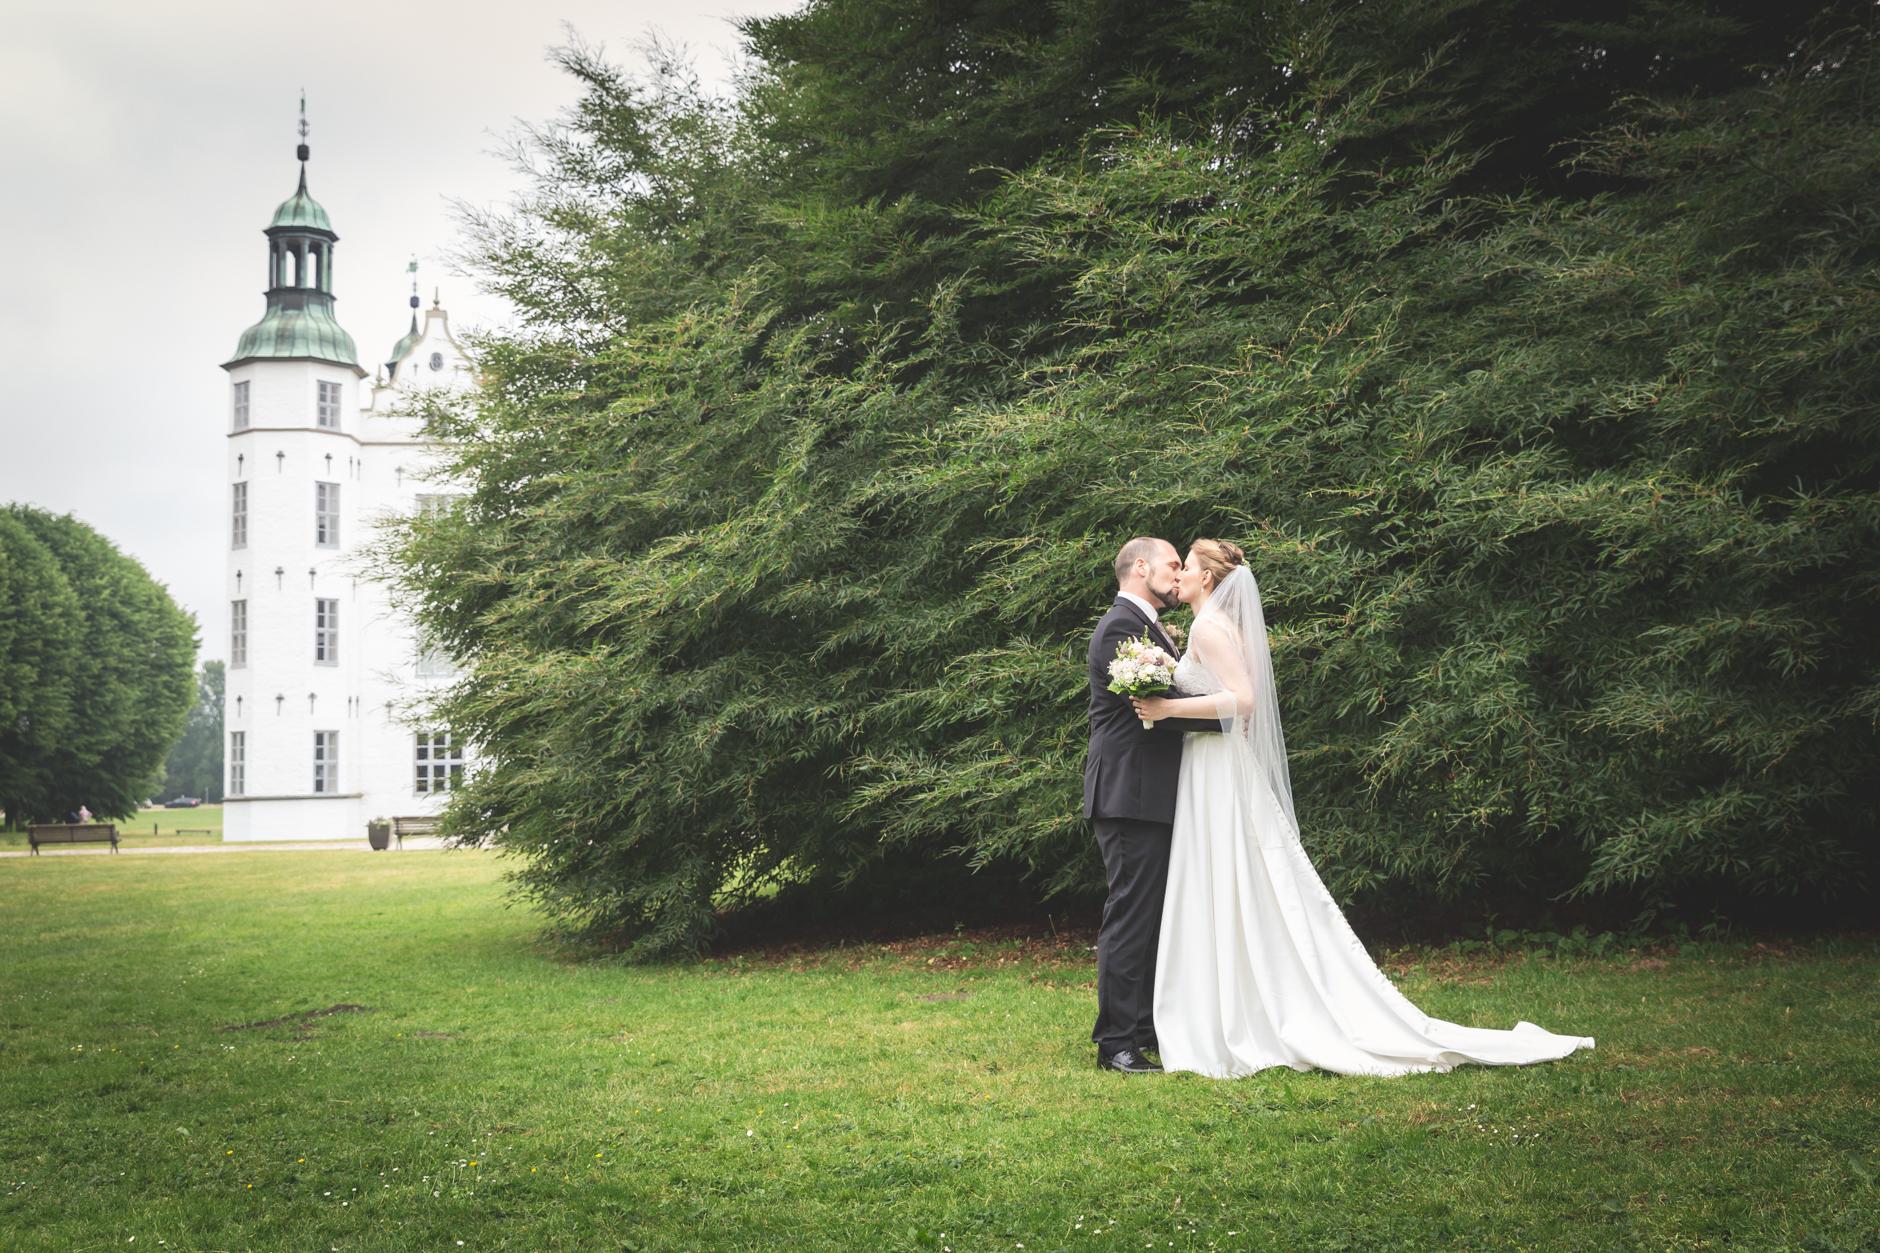 Hochzeitsfoto vor dem Ahrensburger Schloß